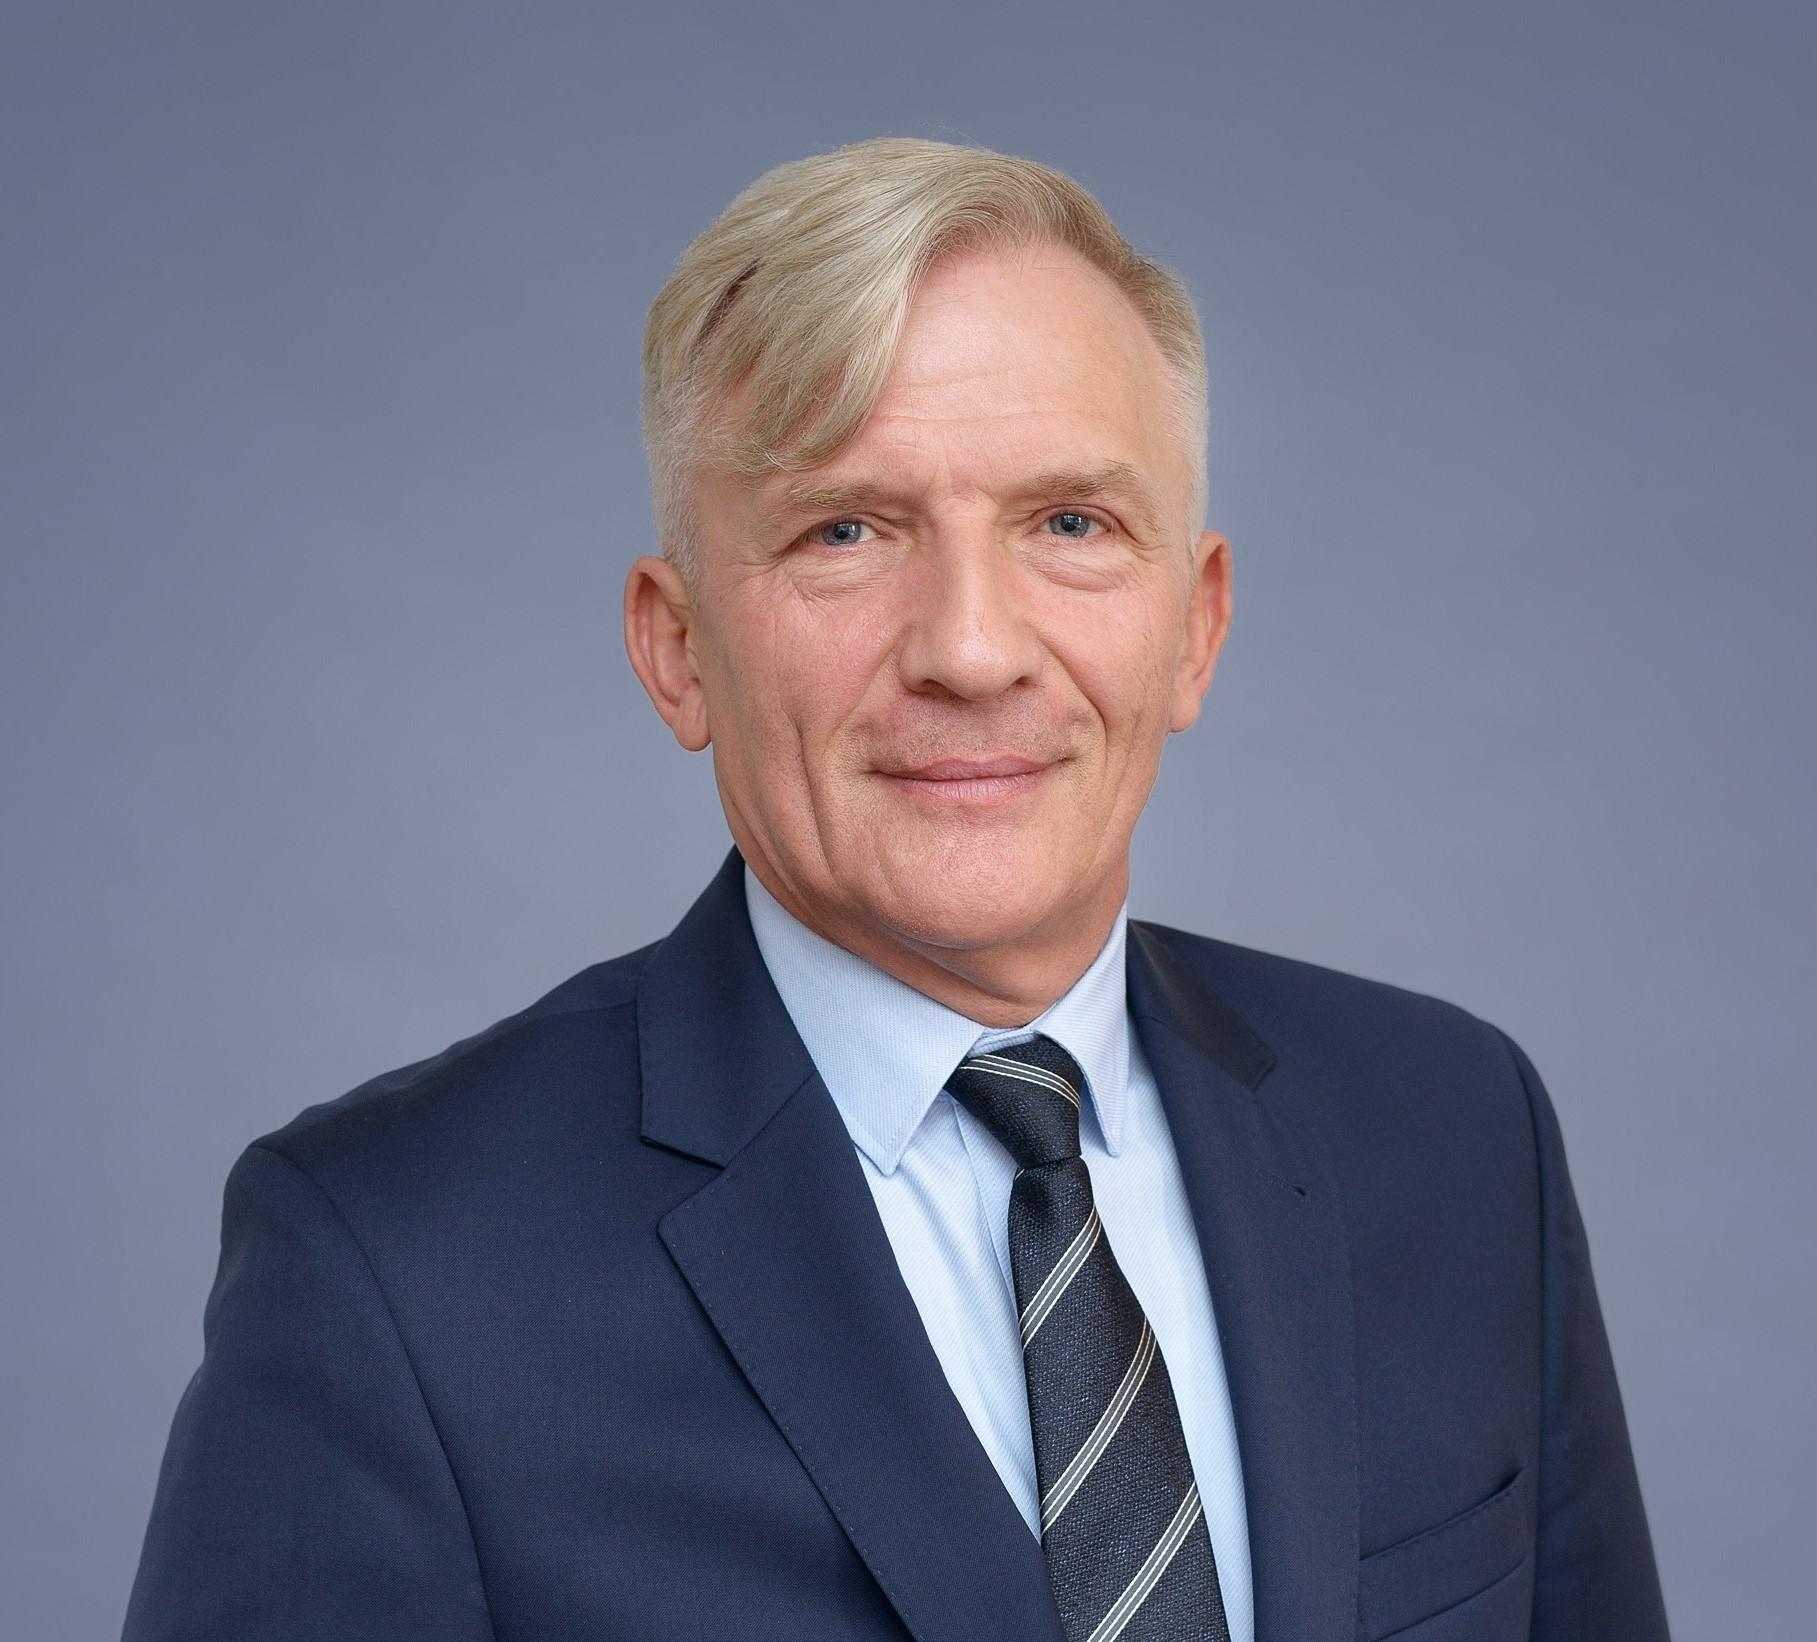 Bricomarché z nowym Prezesem